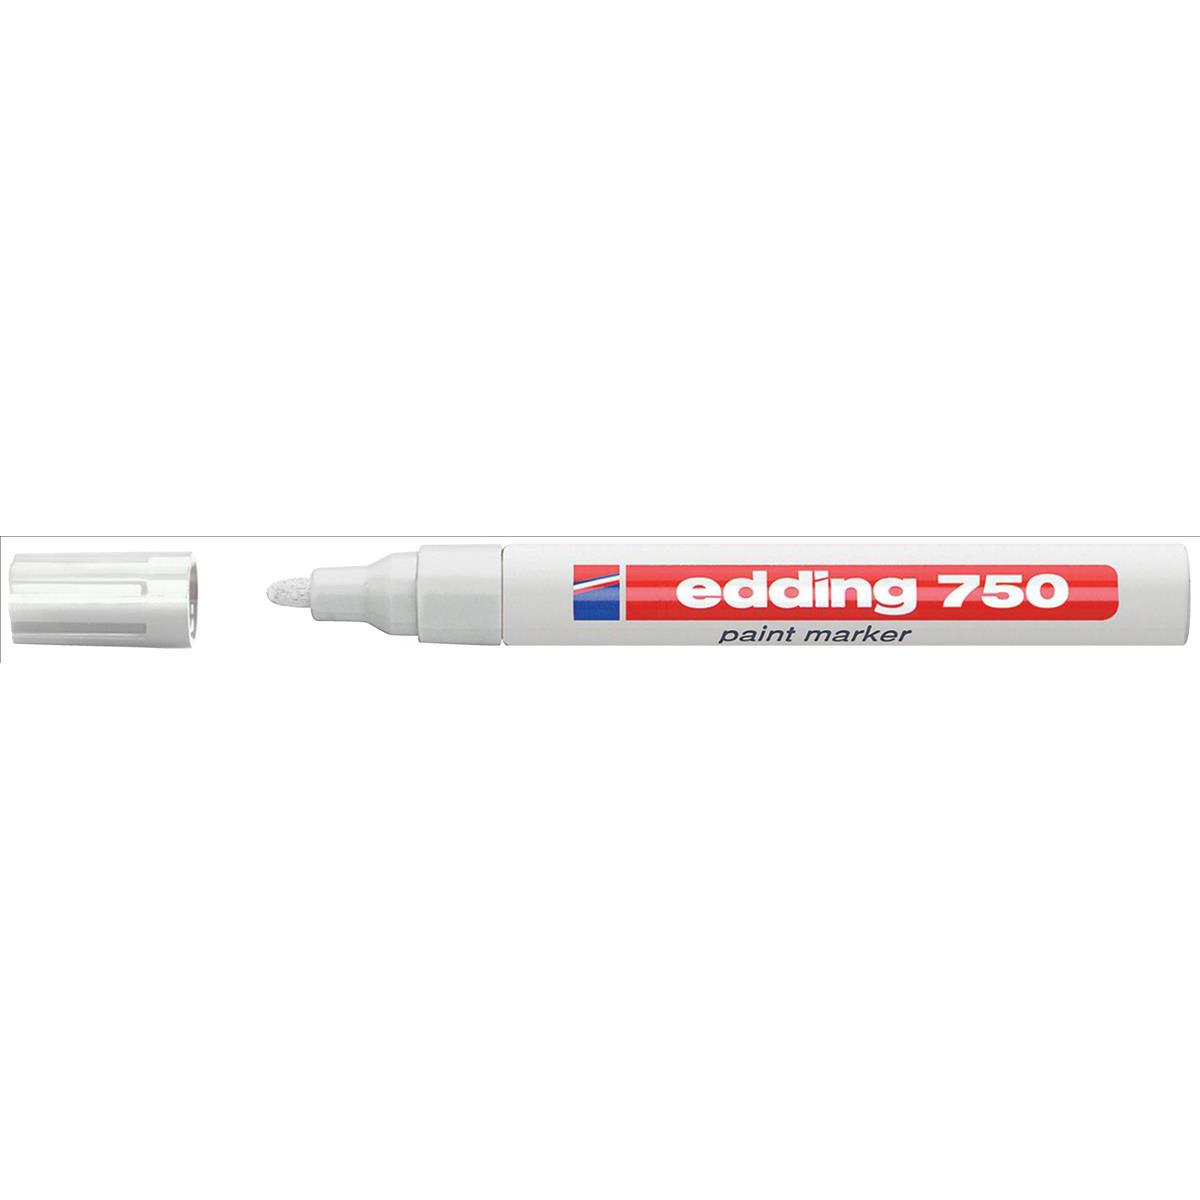 Edding 750 Paint Marker Bullet Tip 2-4mm Line White Ref 4-750049 Pack 10